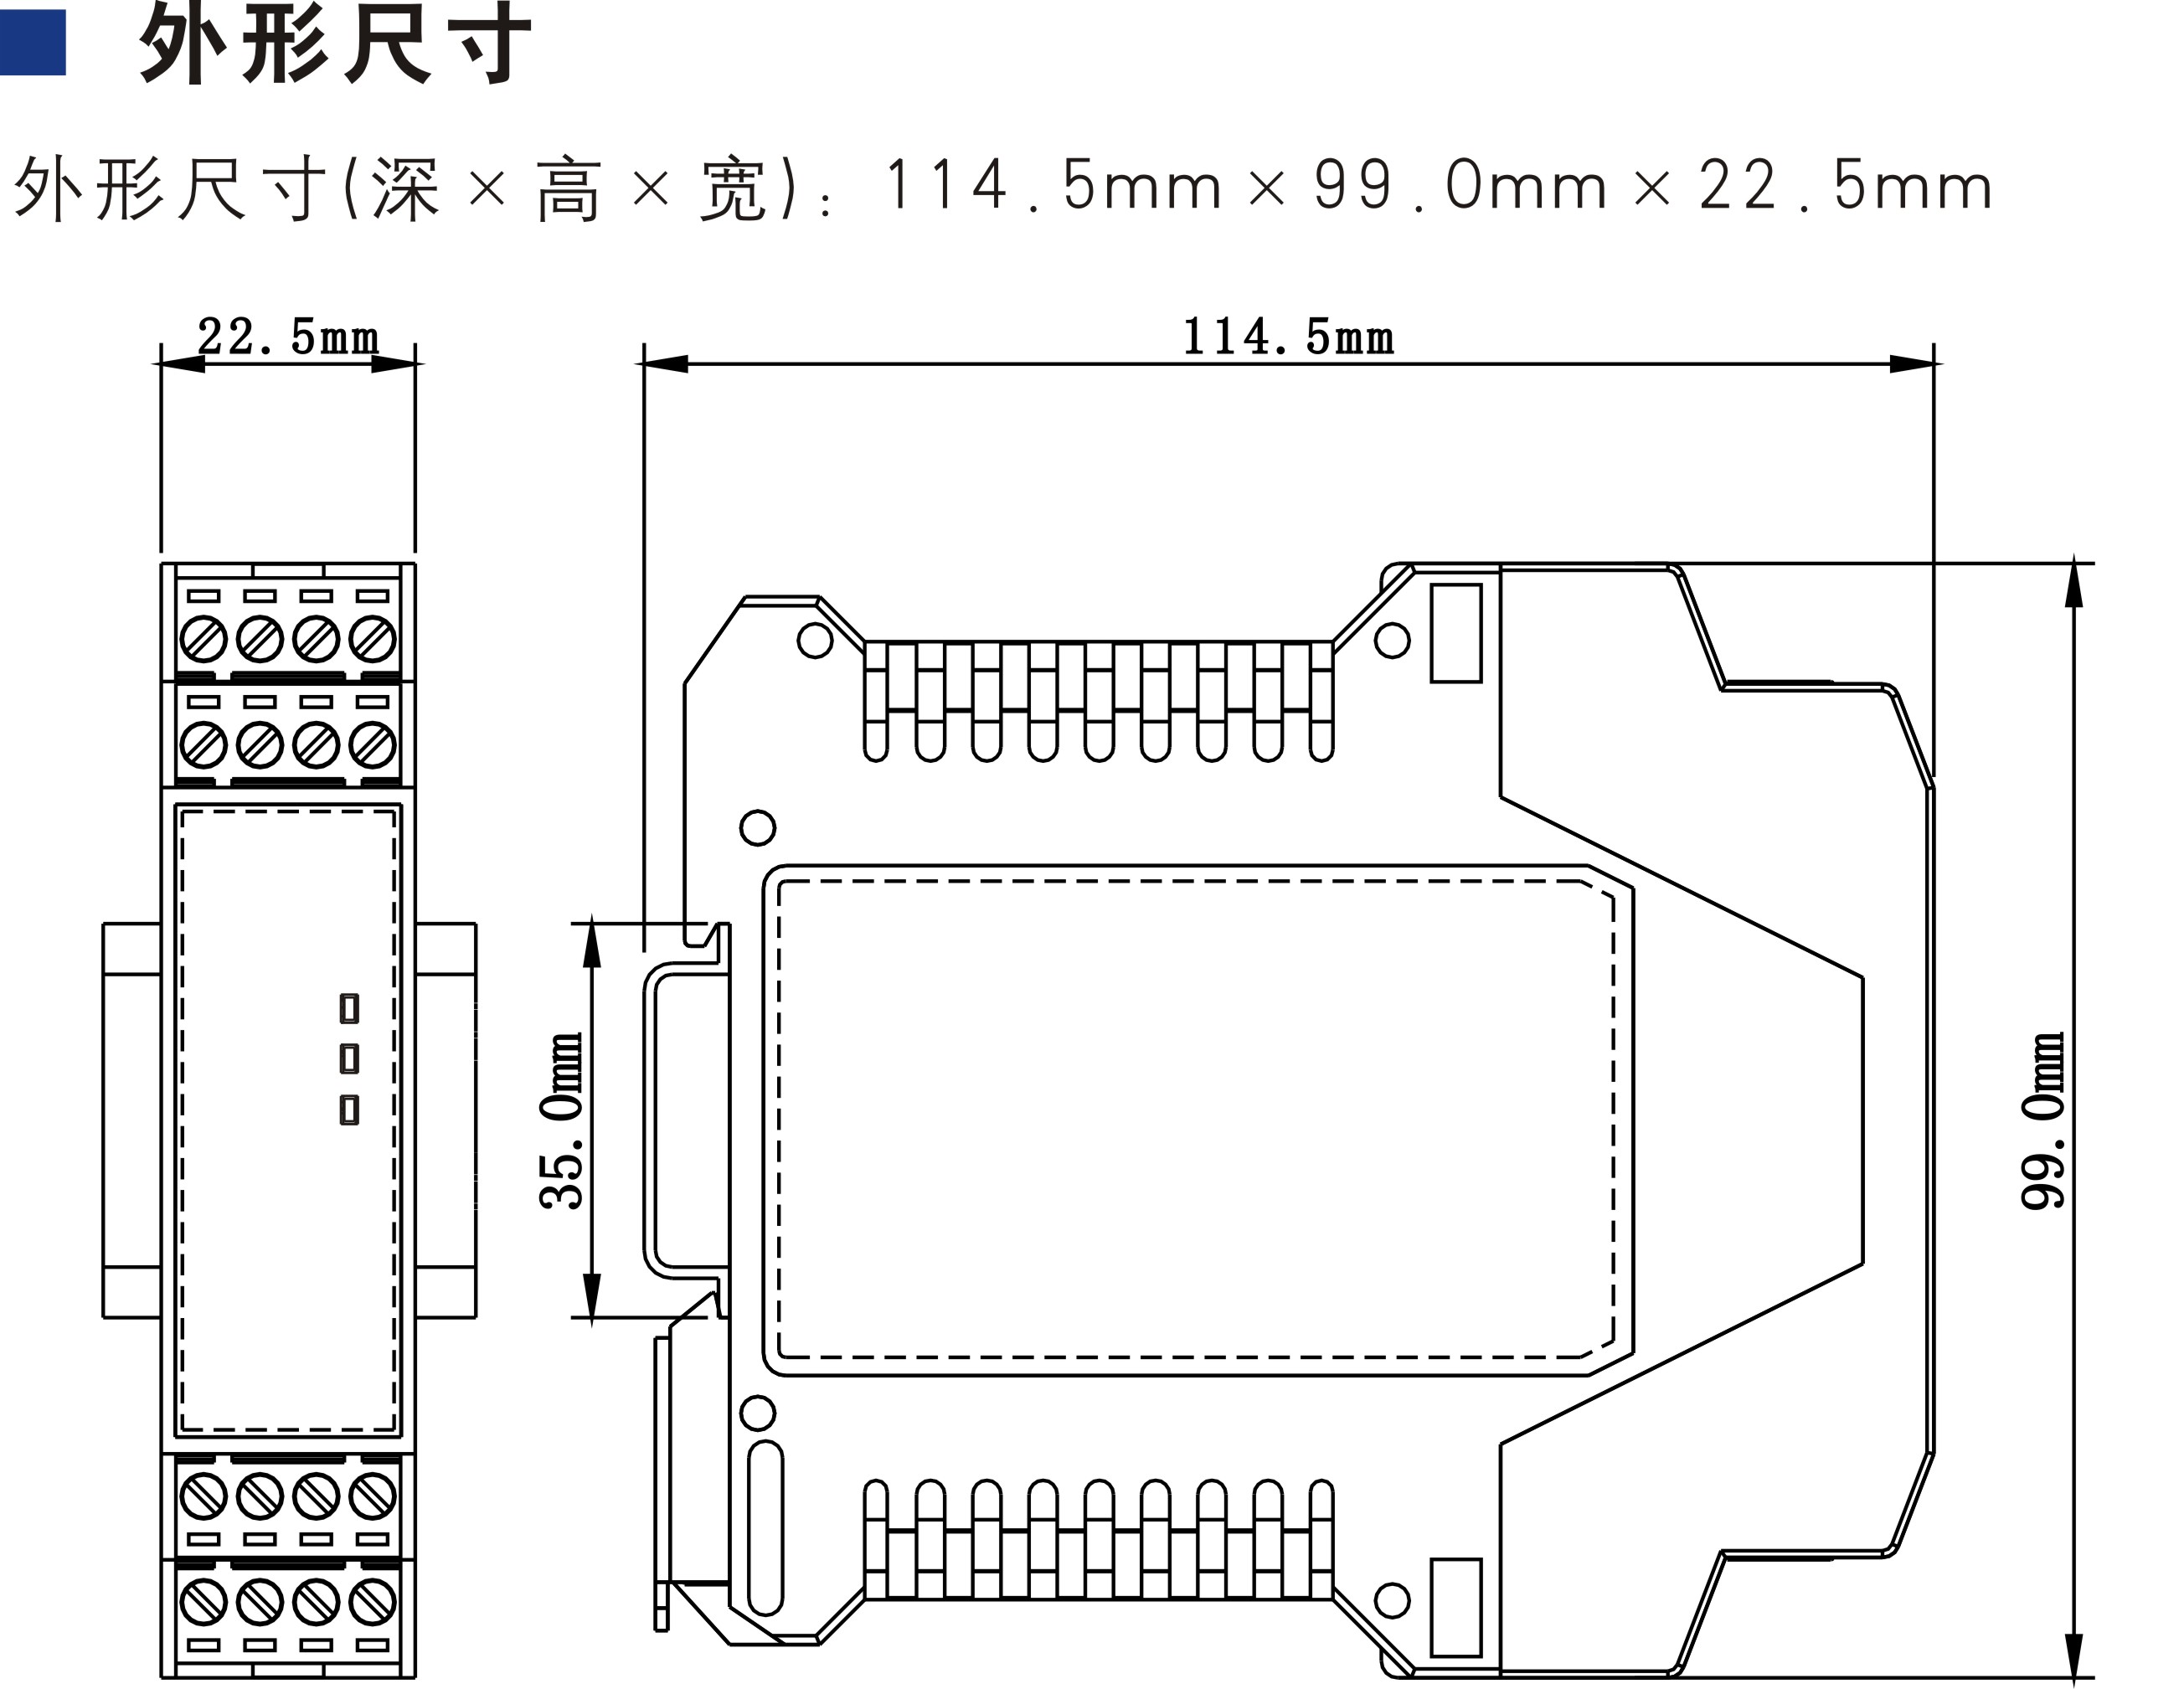 开关型安全设备输入 (急停按钮/安全门 230V AC 3NO+1NC 自动/手动复位)